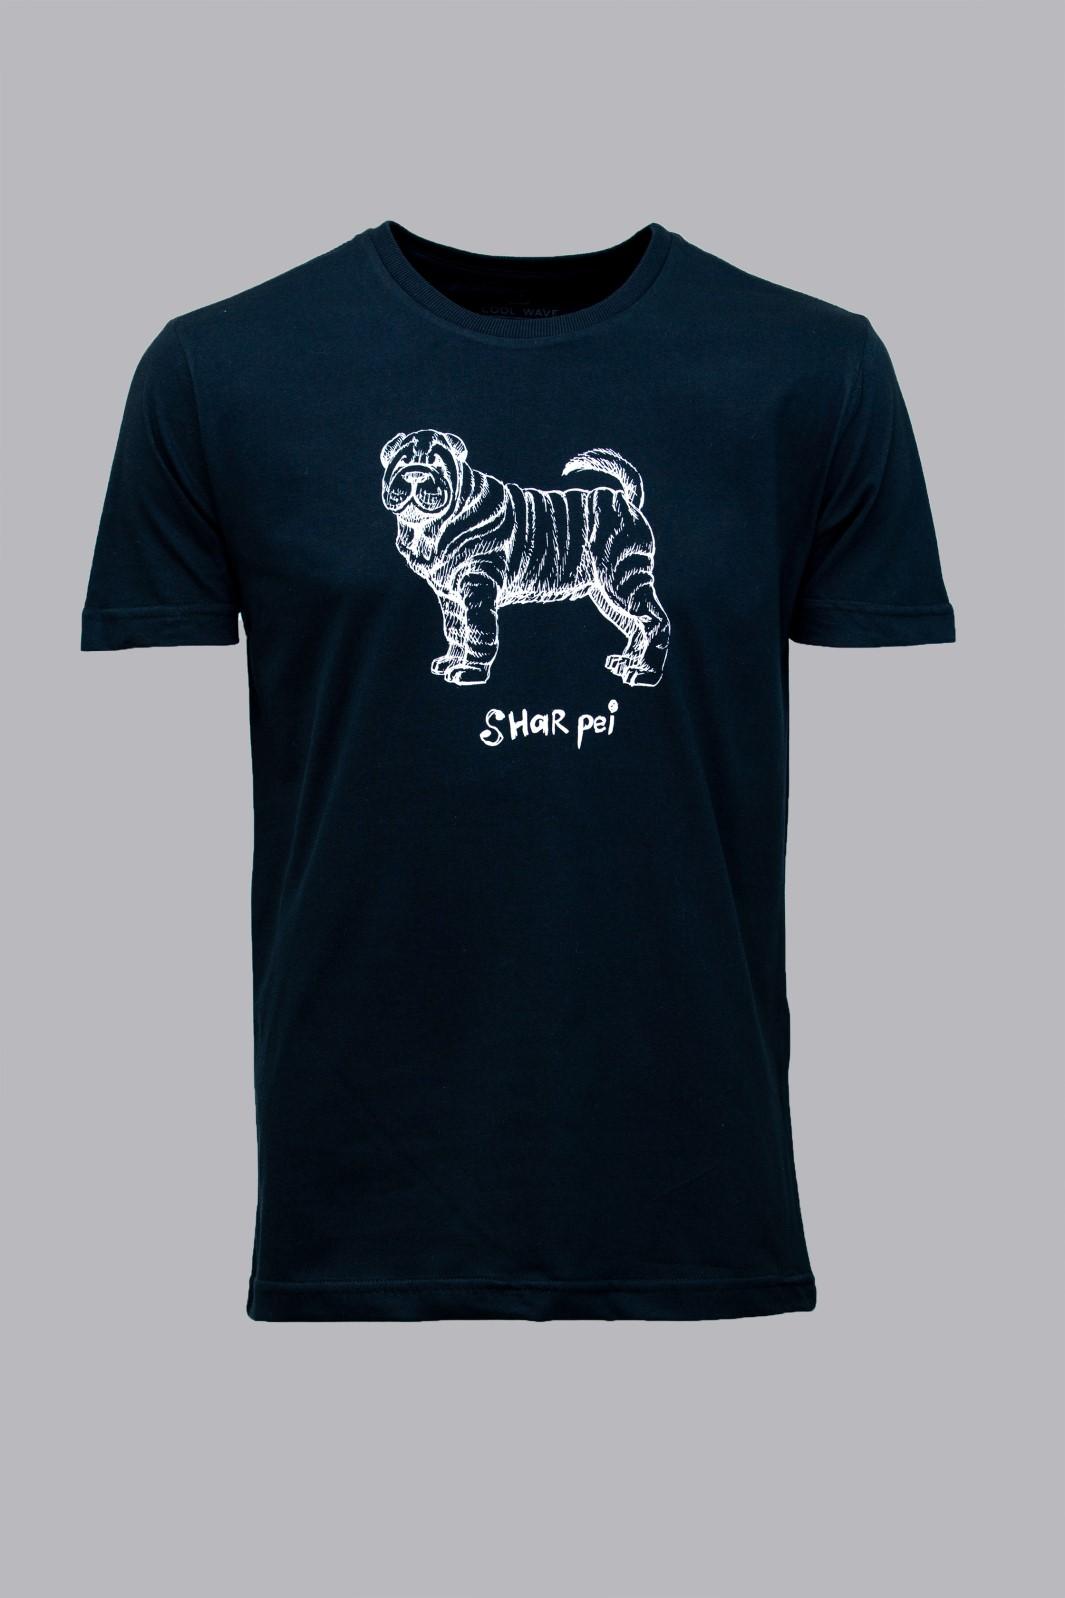 Camiseta CoolWave Shar Pei